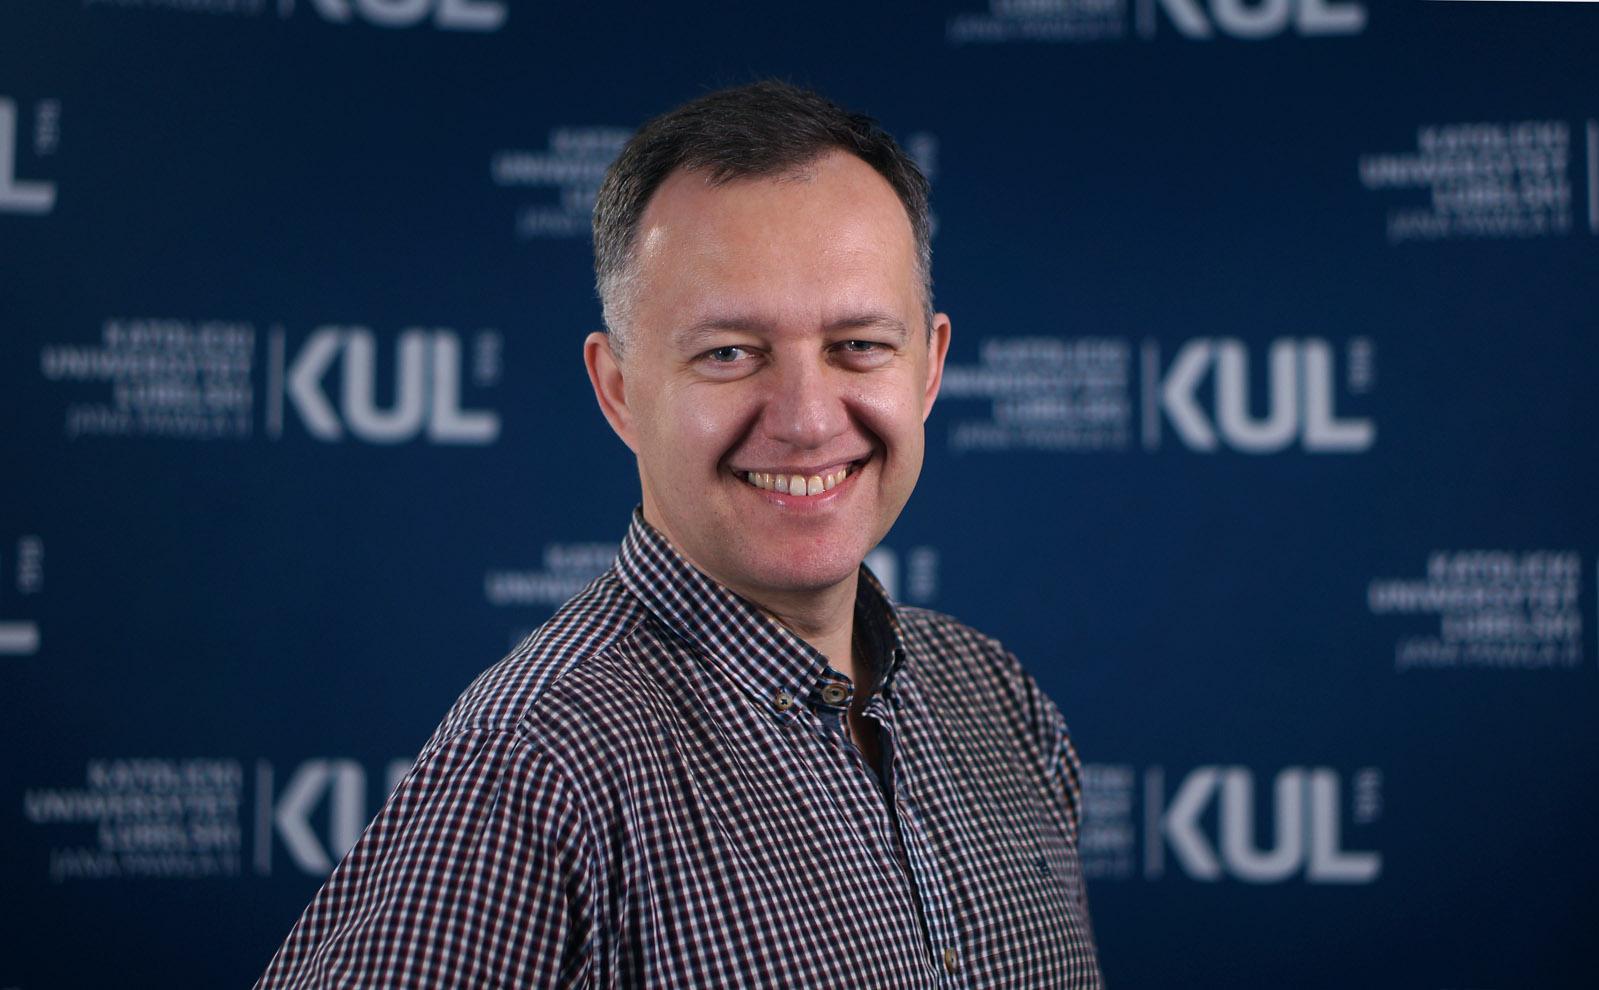 CM KUL - Marcin Superczyński